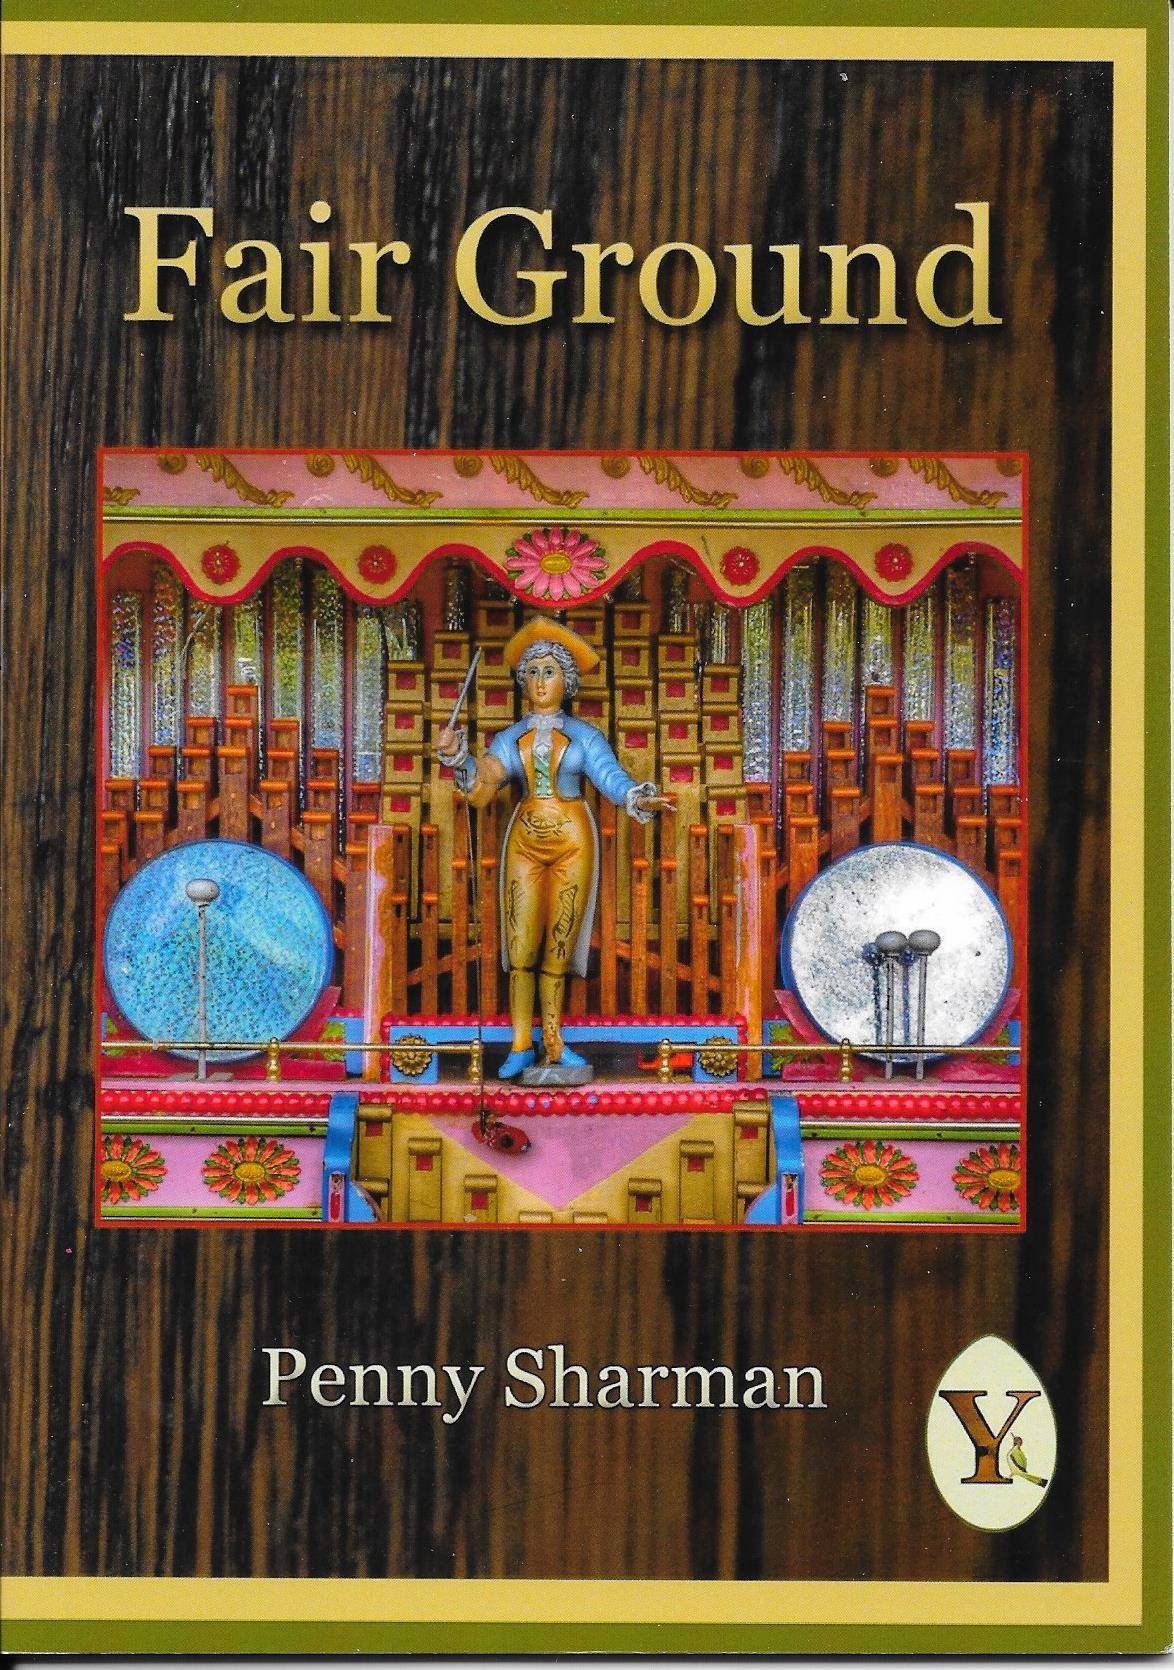 Fair ground